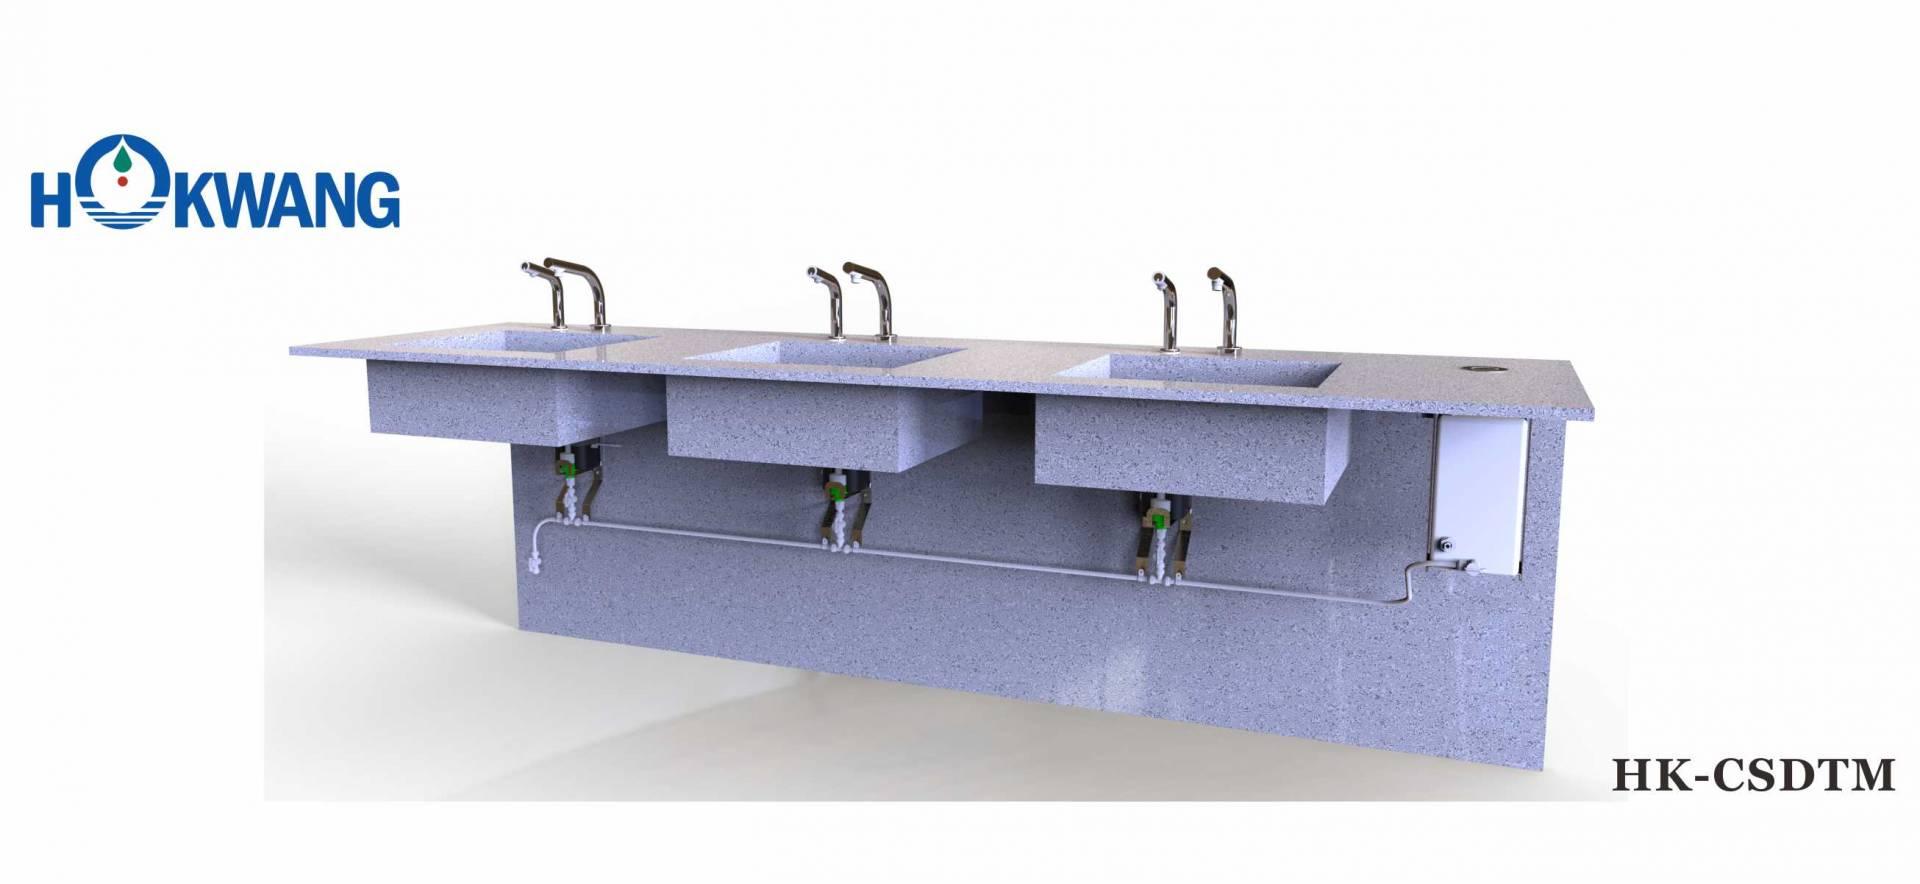 Sistema automático de dispensador de sabão com alimentação múltipla HK-CSDTM